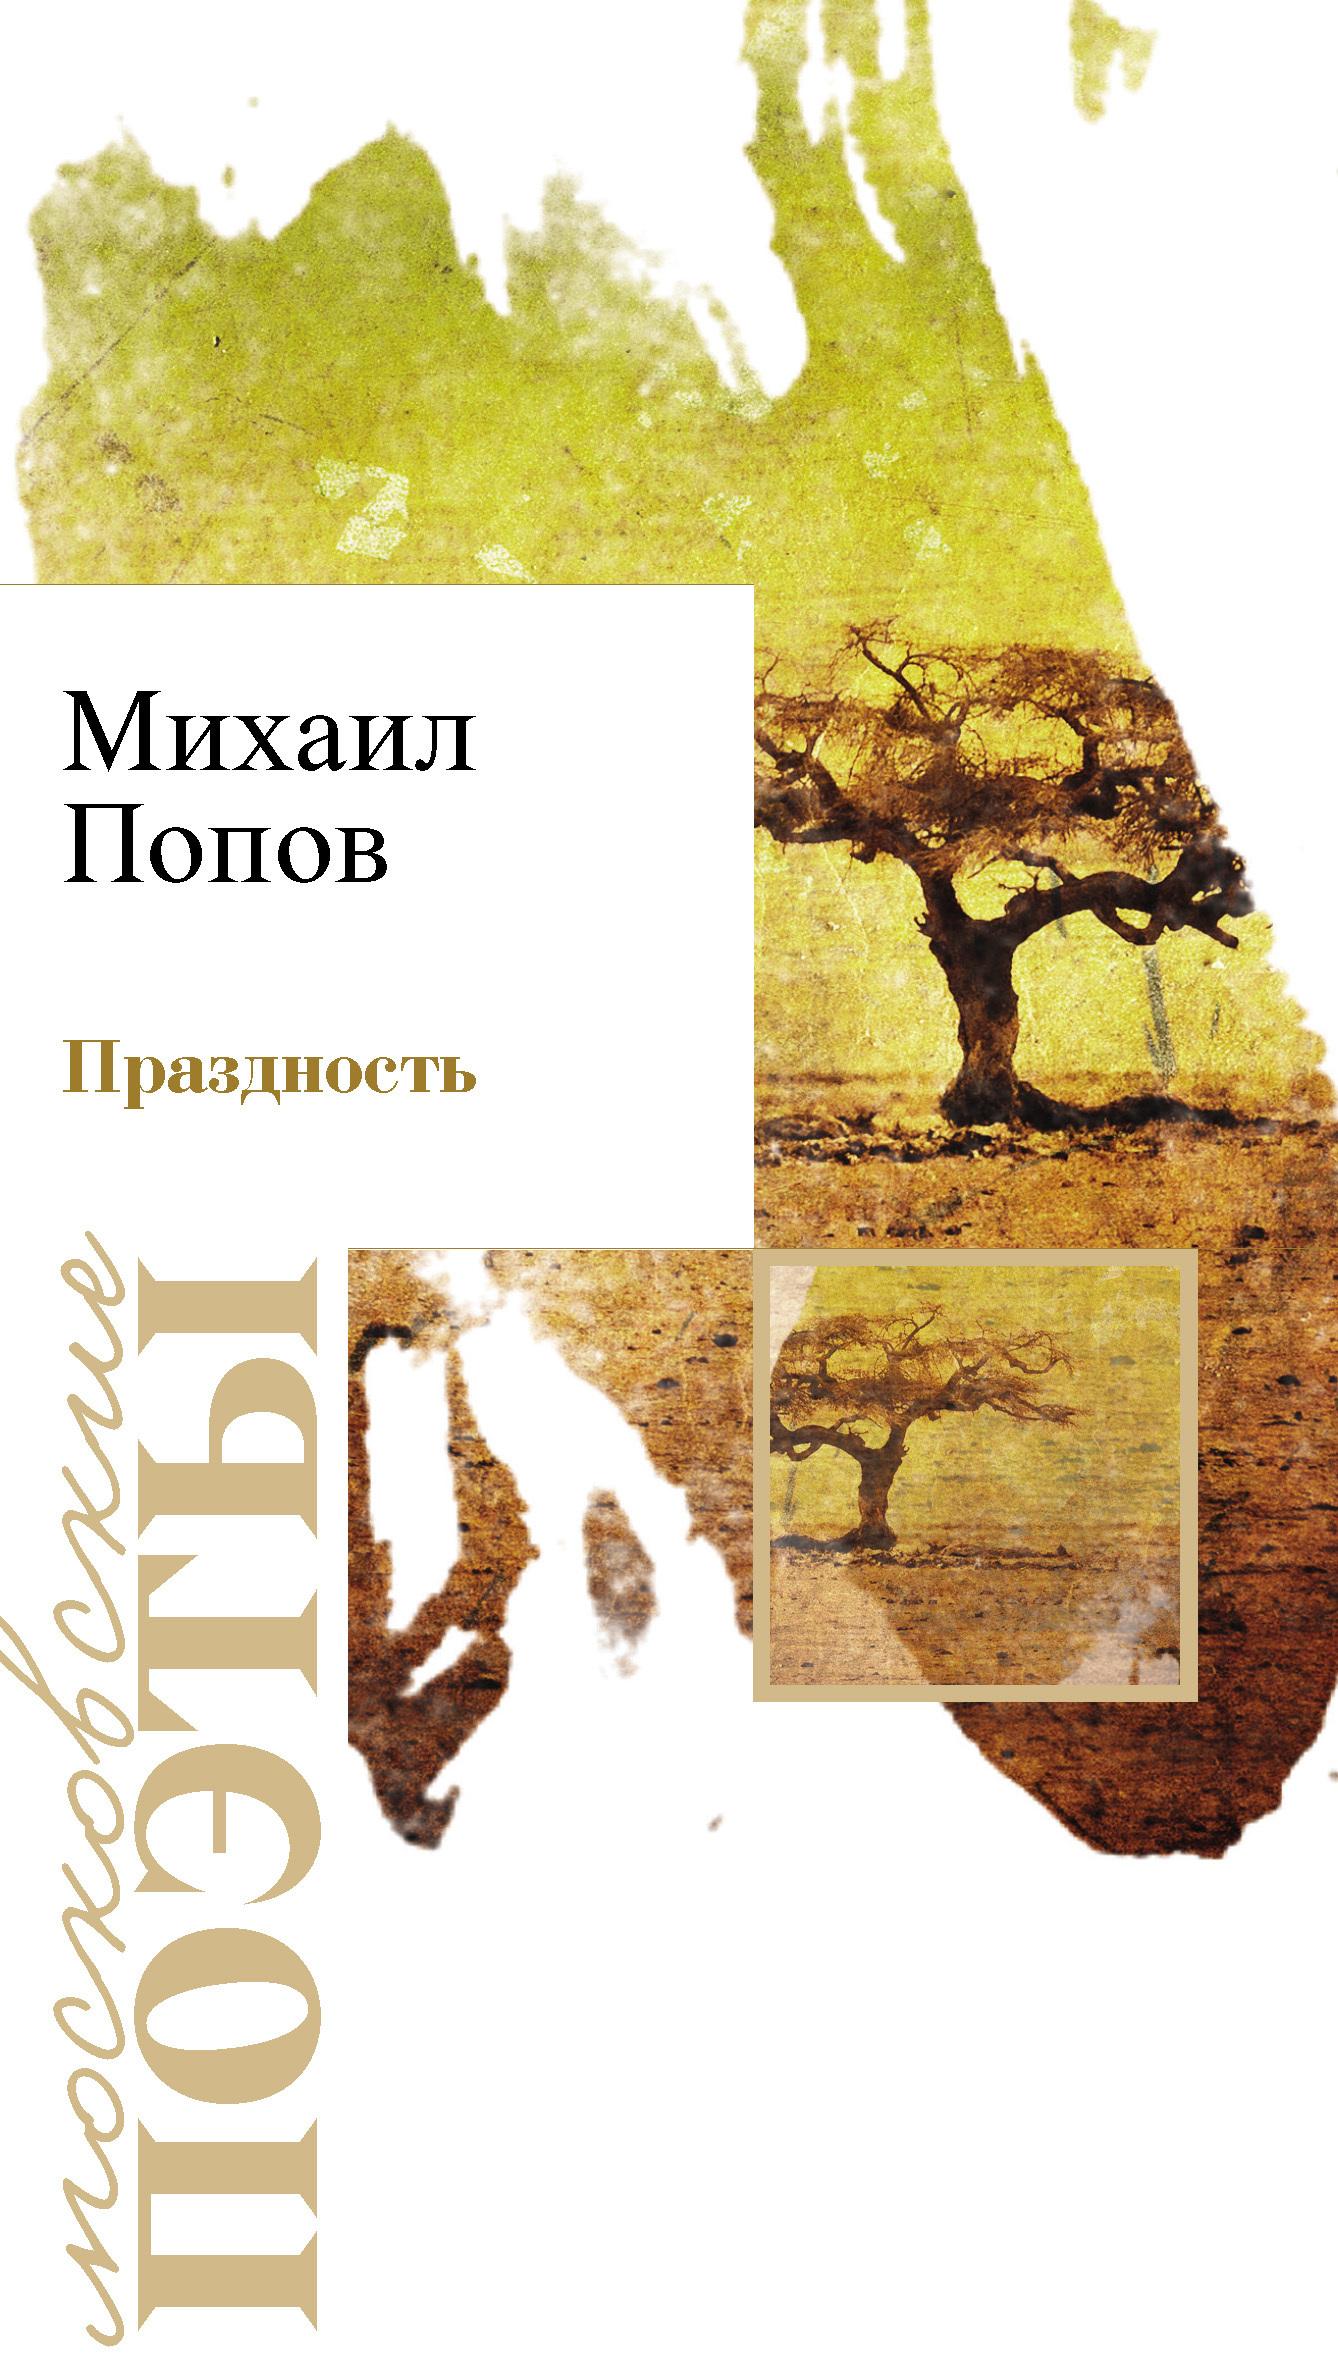 Михаил Попов Праздность ISBN: 978-5-91366-807-3